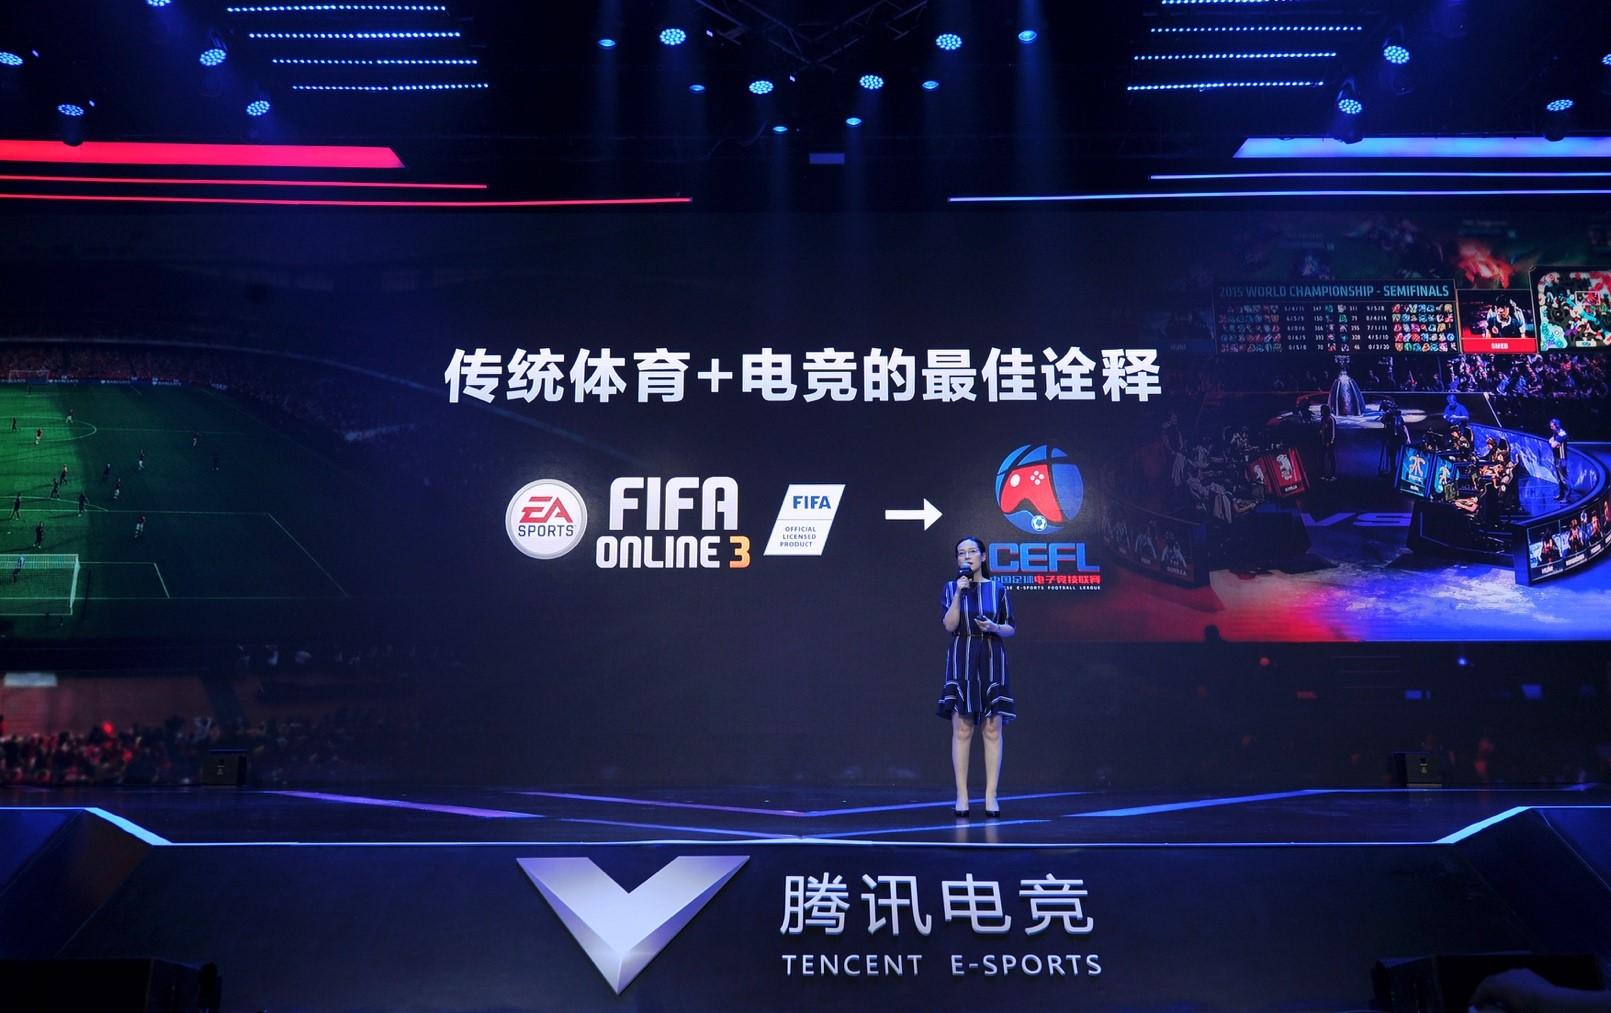 FIFAONLINE3携手中国足球俱乐部,发布体育+斯里兰卡冲浪中文图片